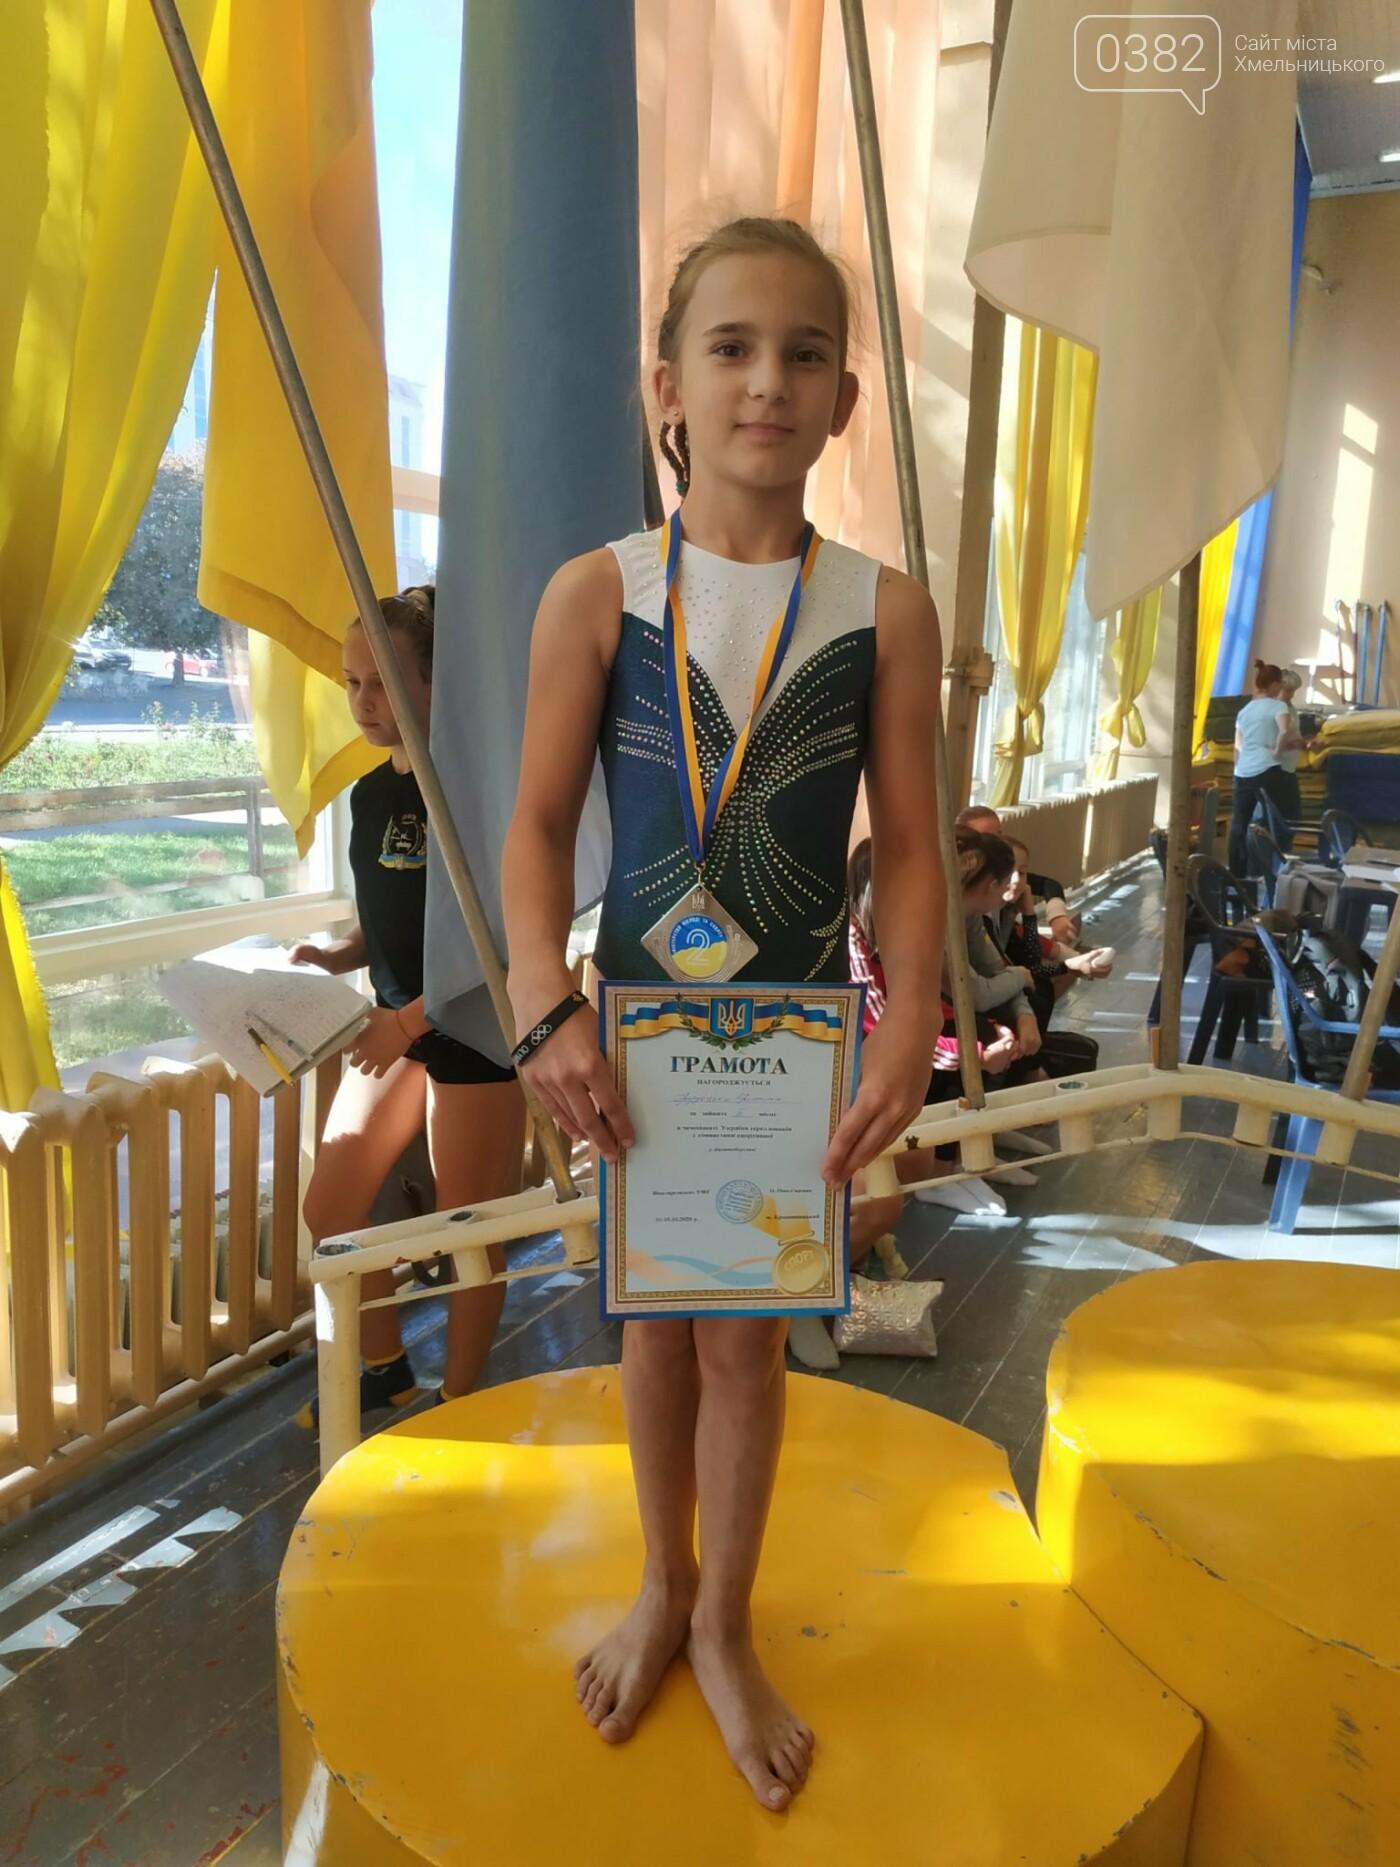 Хмельничанка зійшла на п'єдестал всеукраїнських змагань зі спортивної гімнастики, фото-1